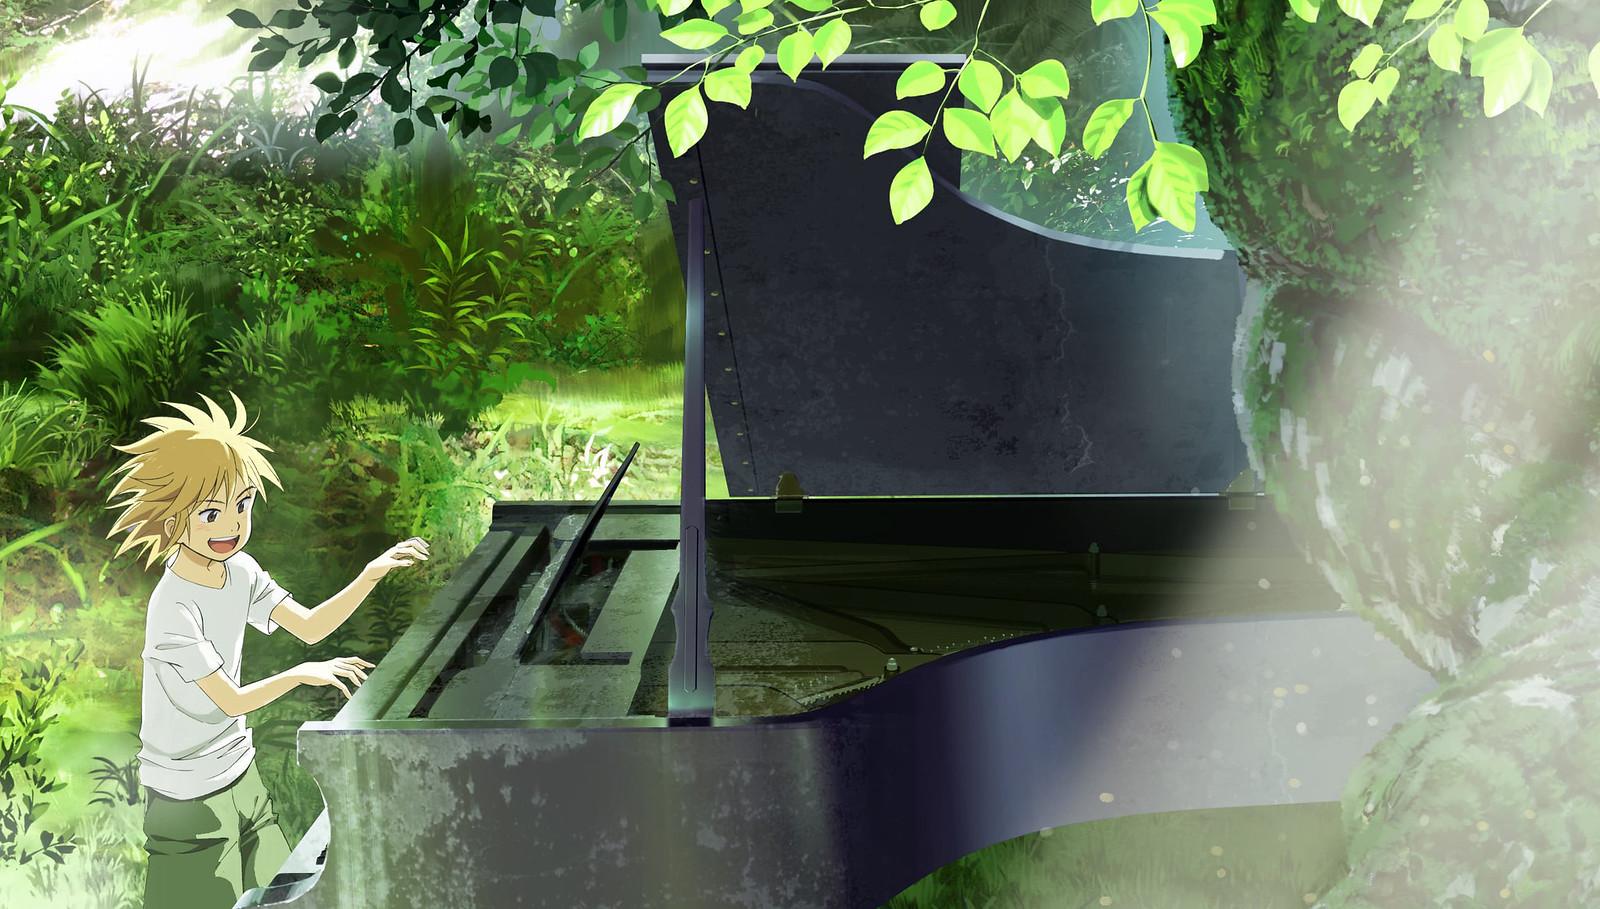 180406 -「悠木碧」是新版丸山誉子、東京GAINAX STUDIO公司第一部動畫《ピアノの森》將在8日歡樂放送!